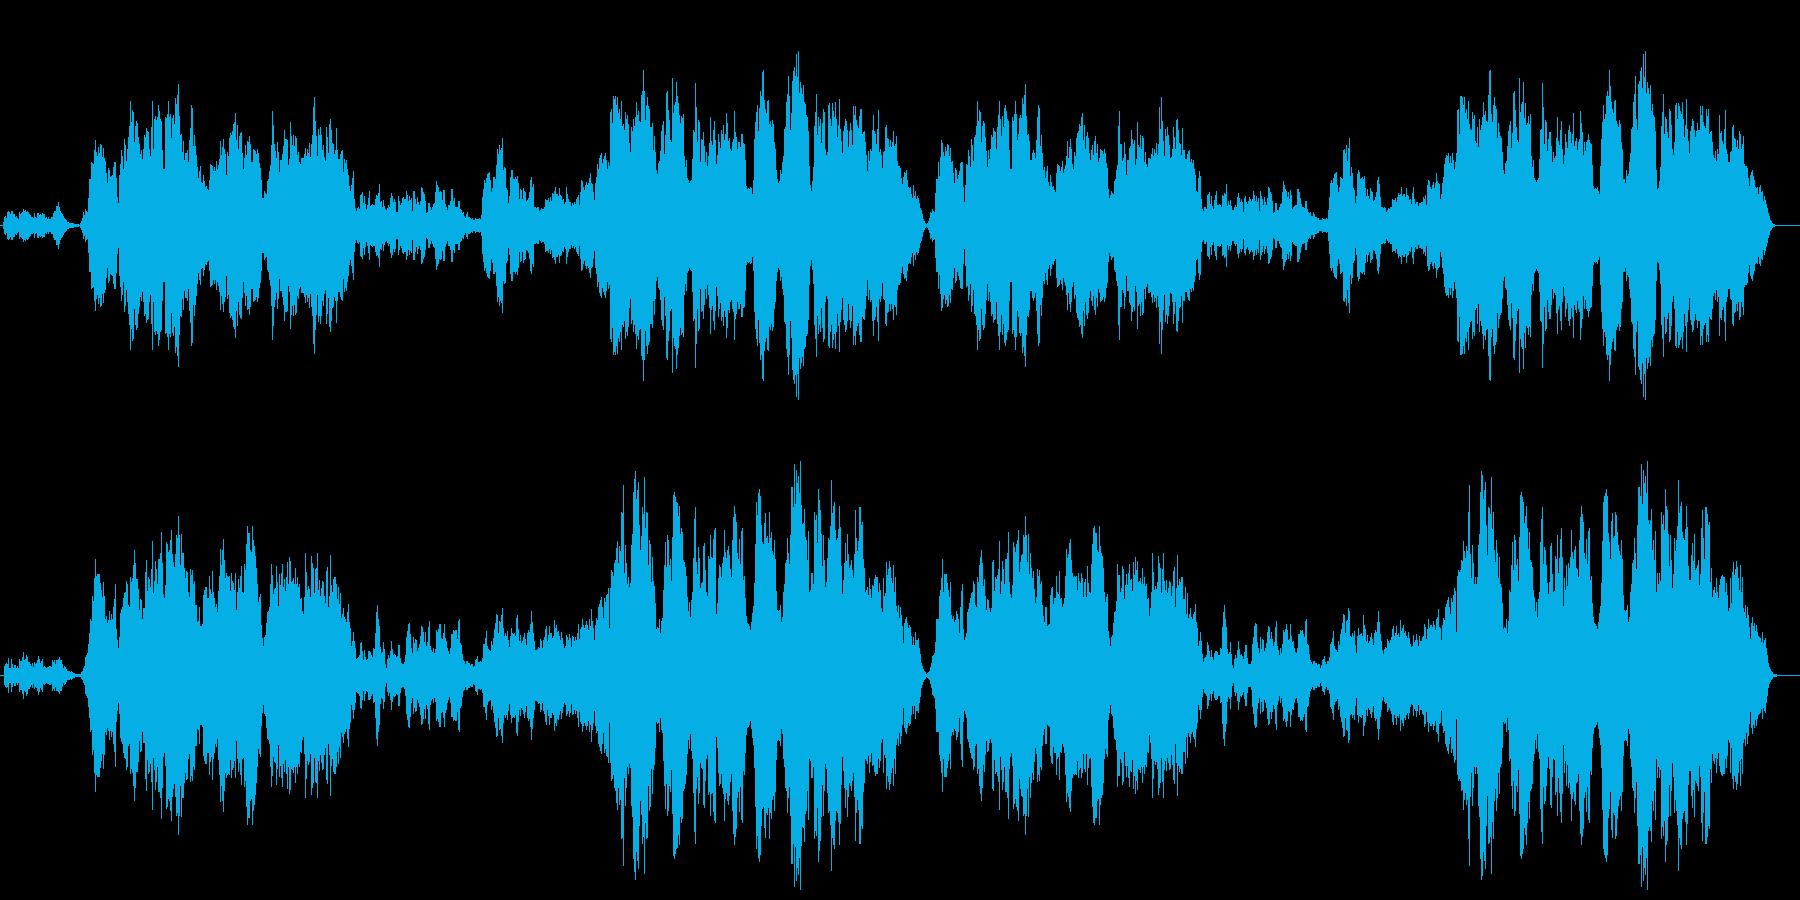 ロマンチックシネマ風女性声楽曲 の再生済みの波形